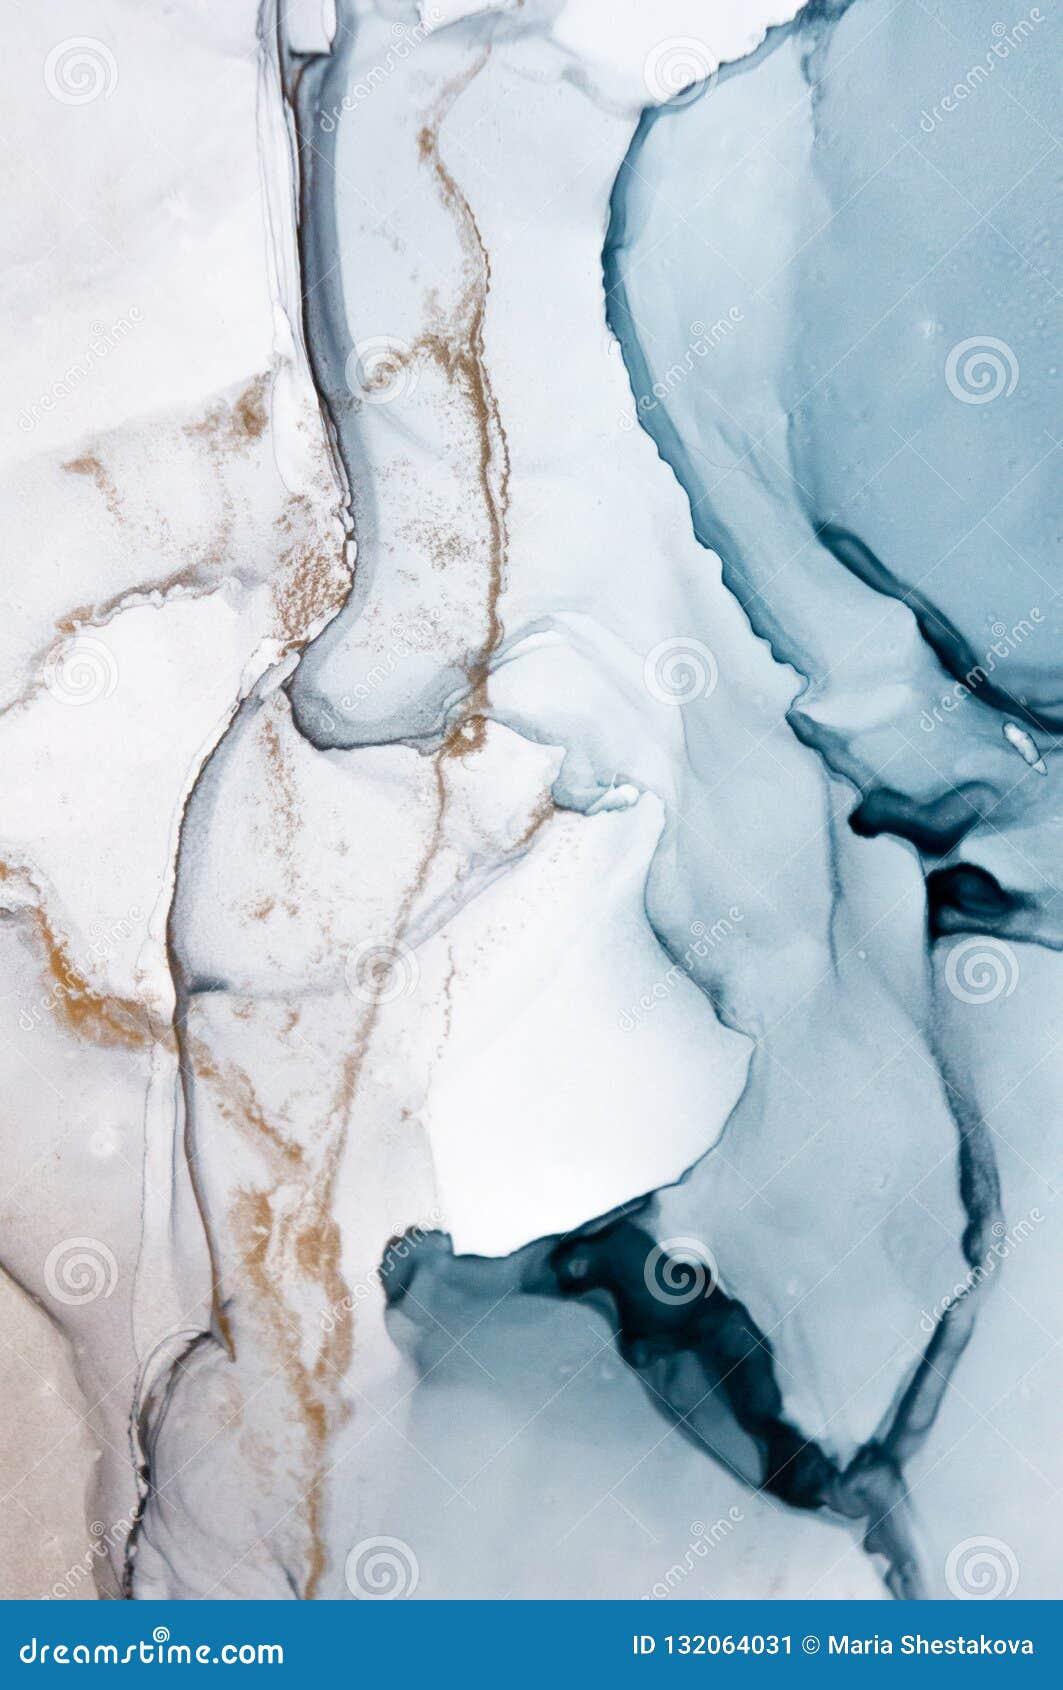 Tinte, Farbe, abstrakt Bunter abstrakter Malereihintergrund Hoch-strukturierte Ölfarbe DetaInk der hohen Qualität, Farbe, abstrak